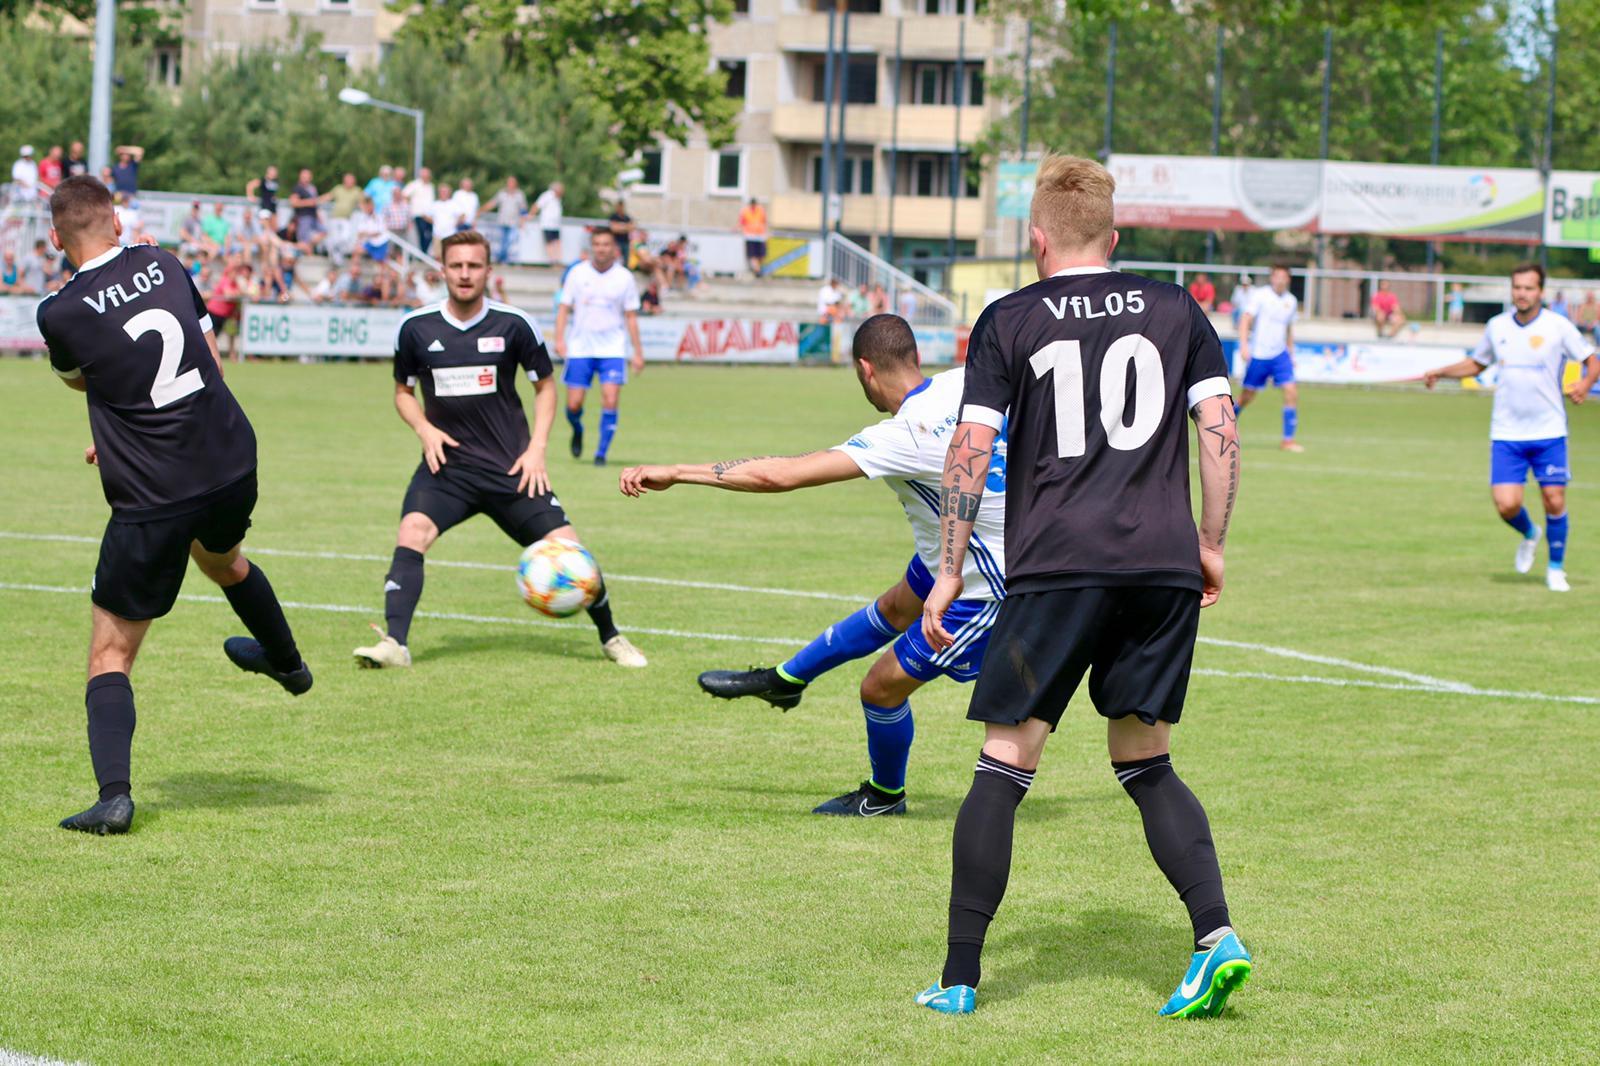 30.-Spieltag-FSV-63-Luckenwalde-VfL-05-Hohenstein-Ernstthal-3